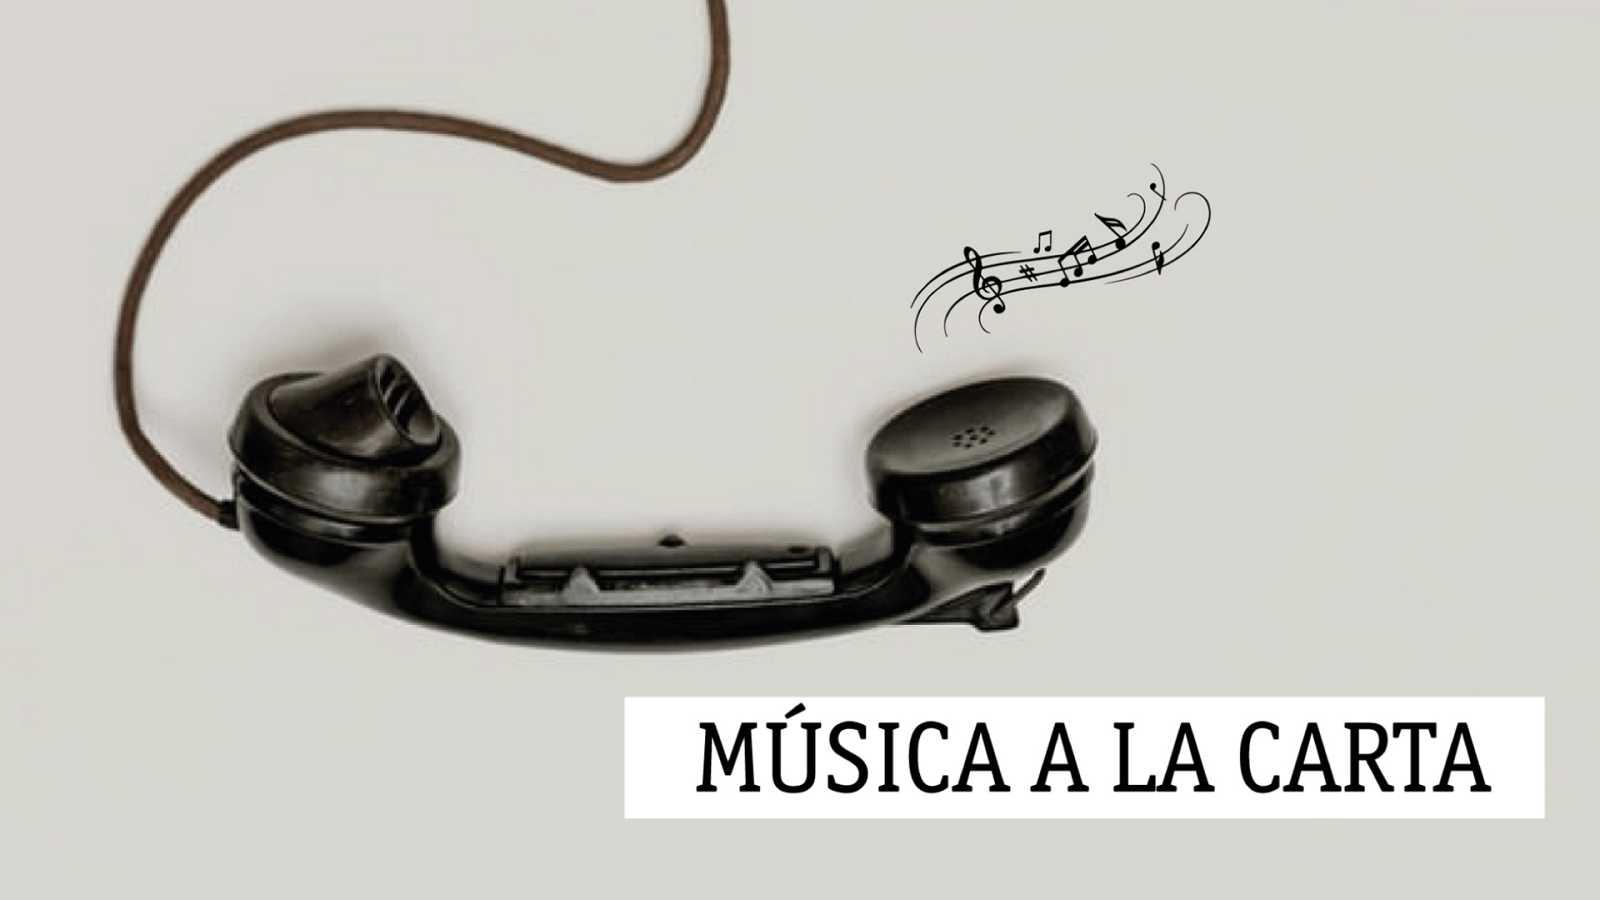 Música a la carta - 11/05/21 - escuchar ahora